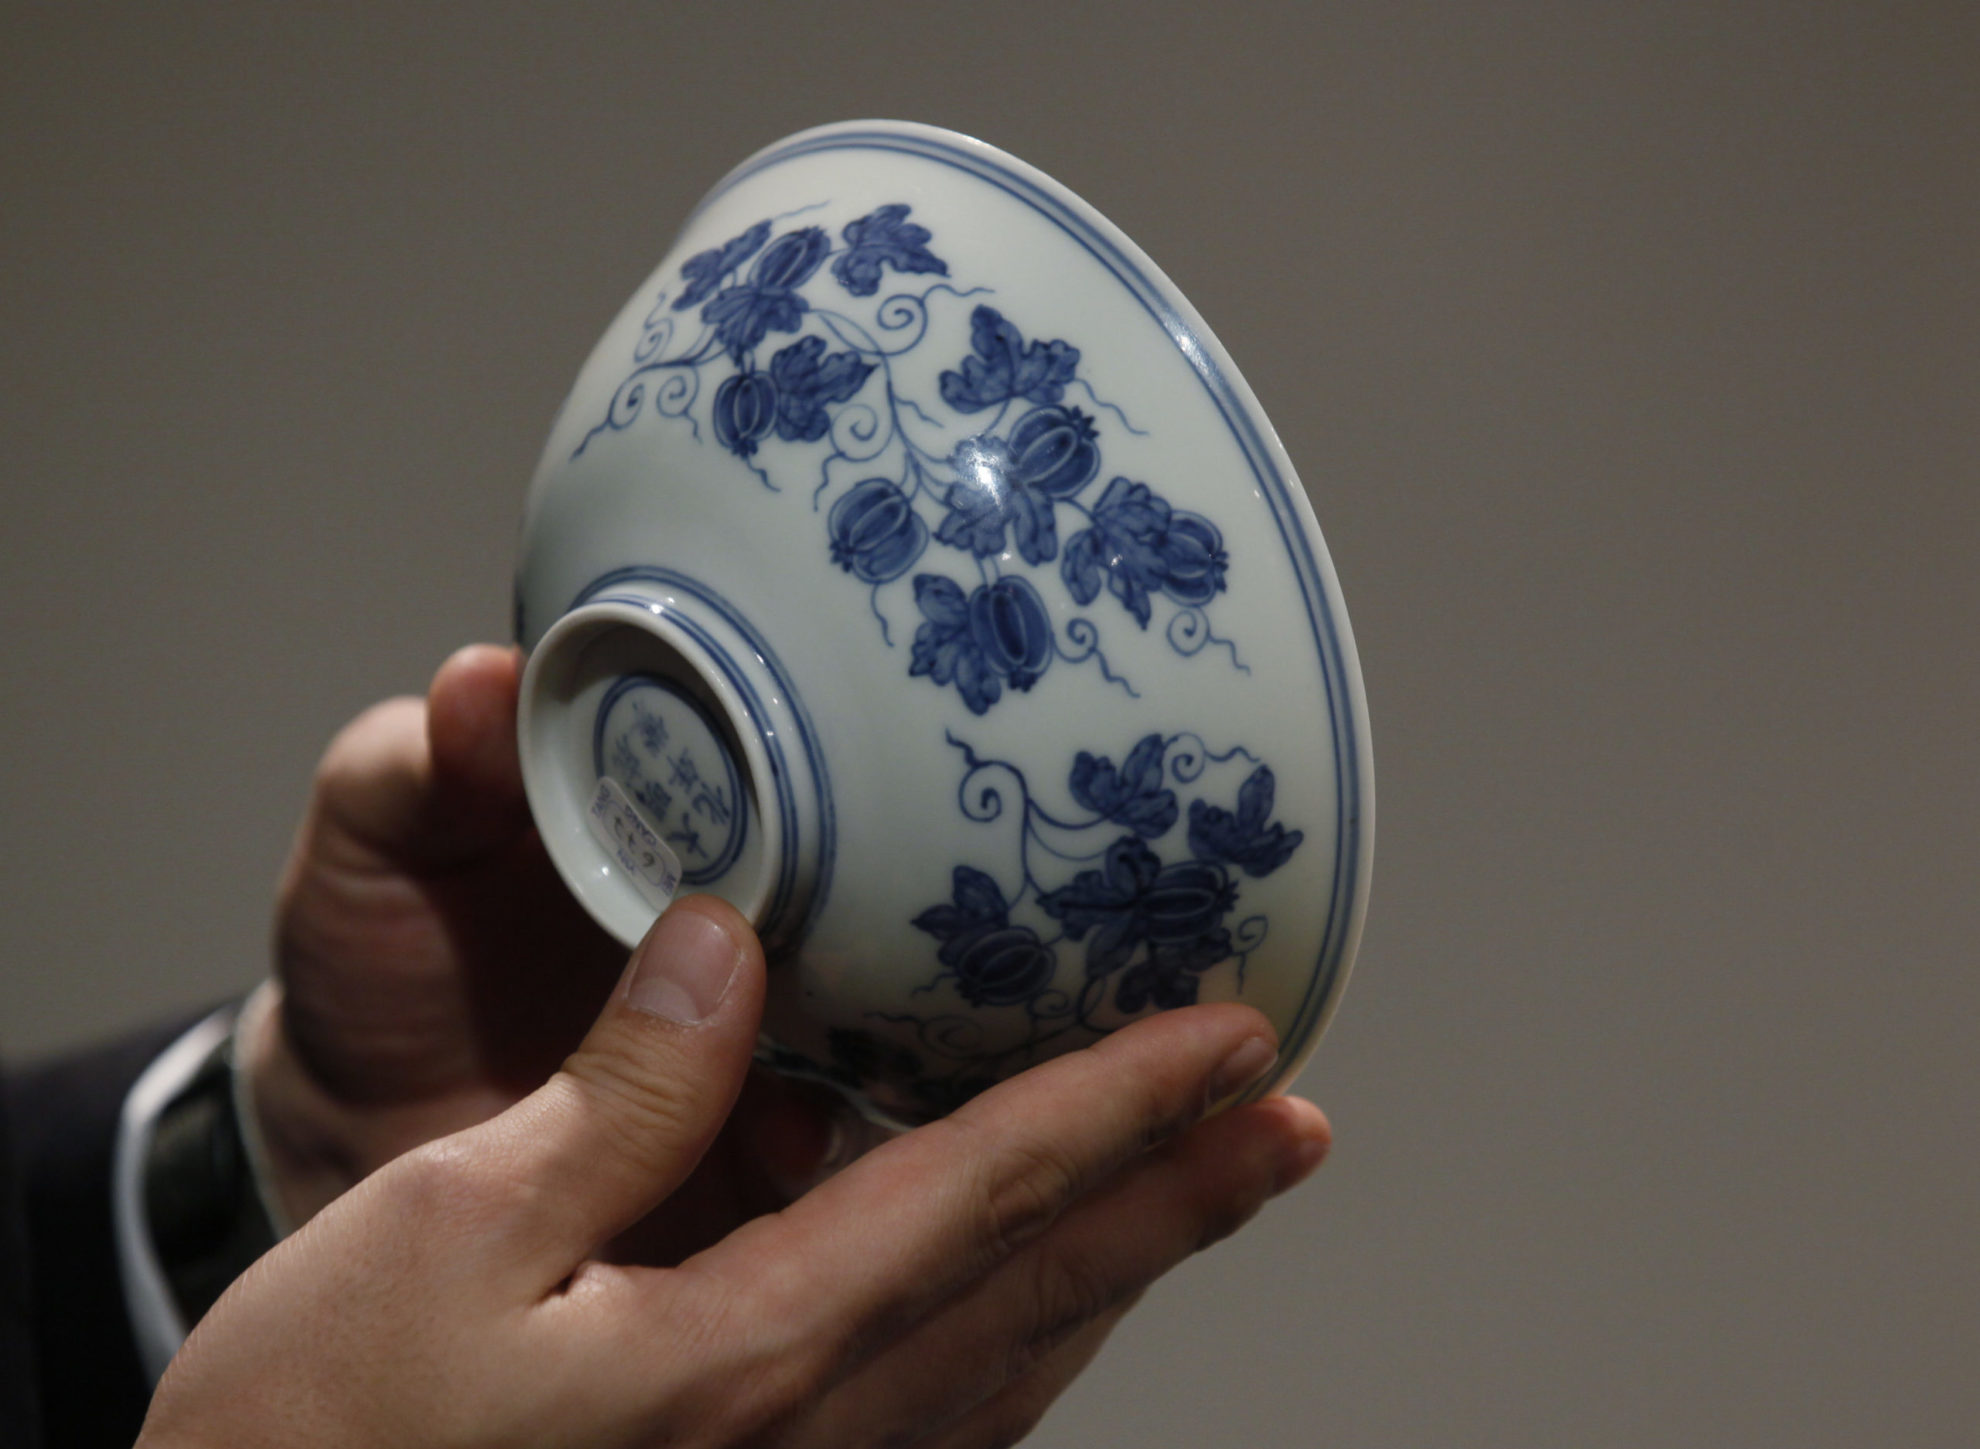 Κινεζικό μπολ που αγοράστηκε 35 δολάρια θα τεθεί σε δημοπρασία με εκτιμώμενη αξία 300-500 χιλιάδες δολάρια